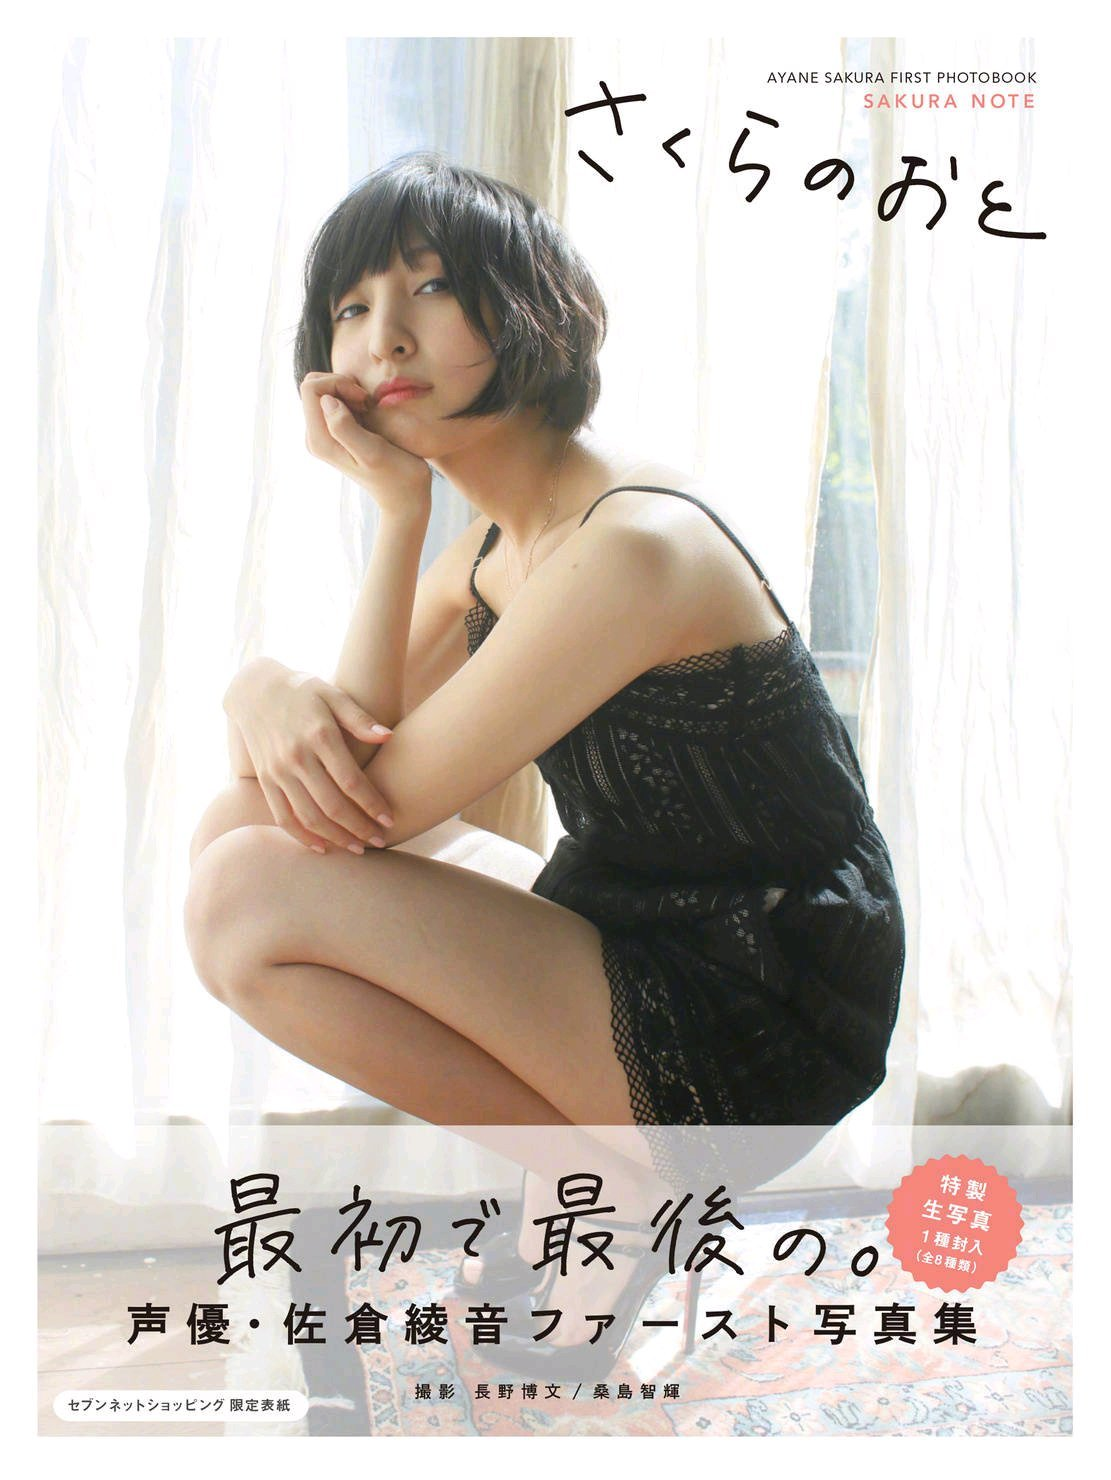 佐倉綾音ファースト写真集